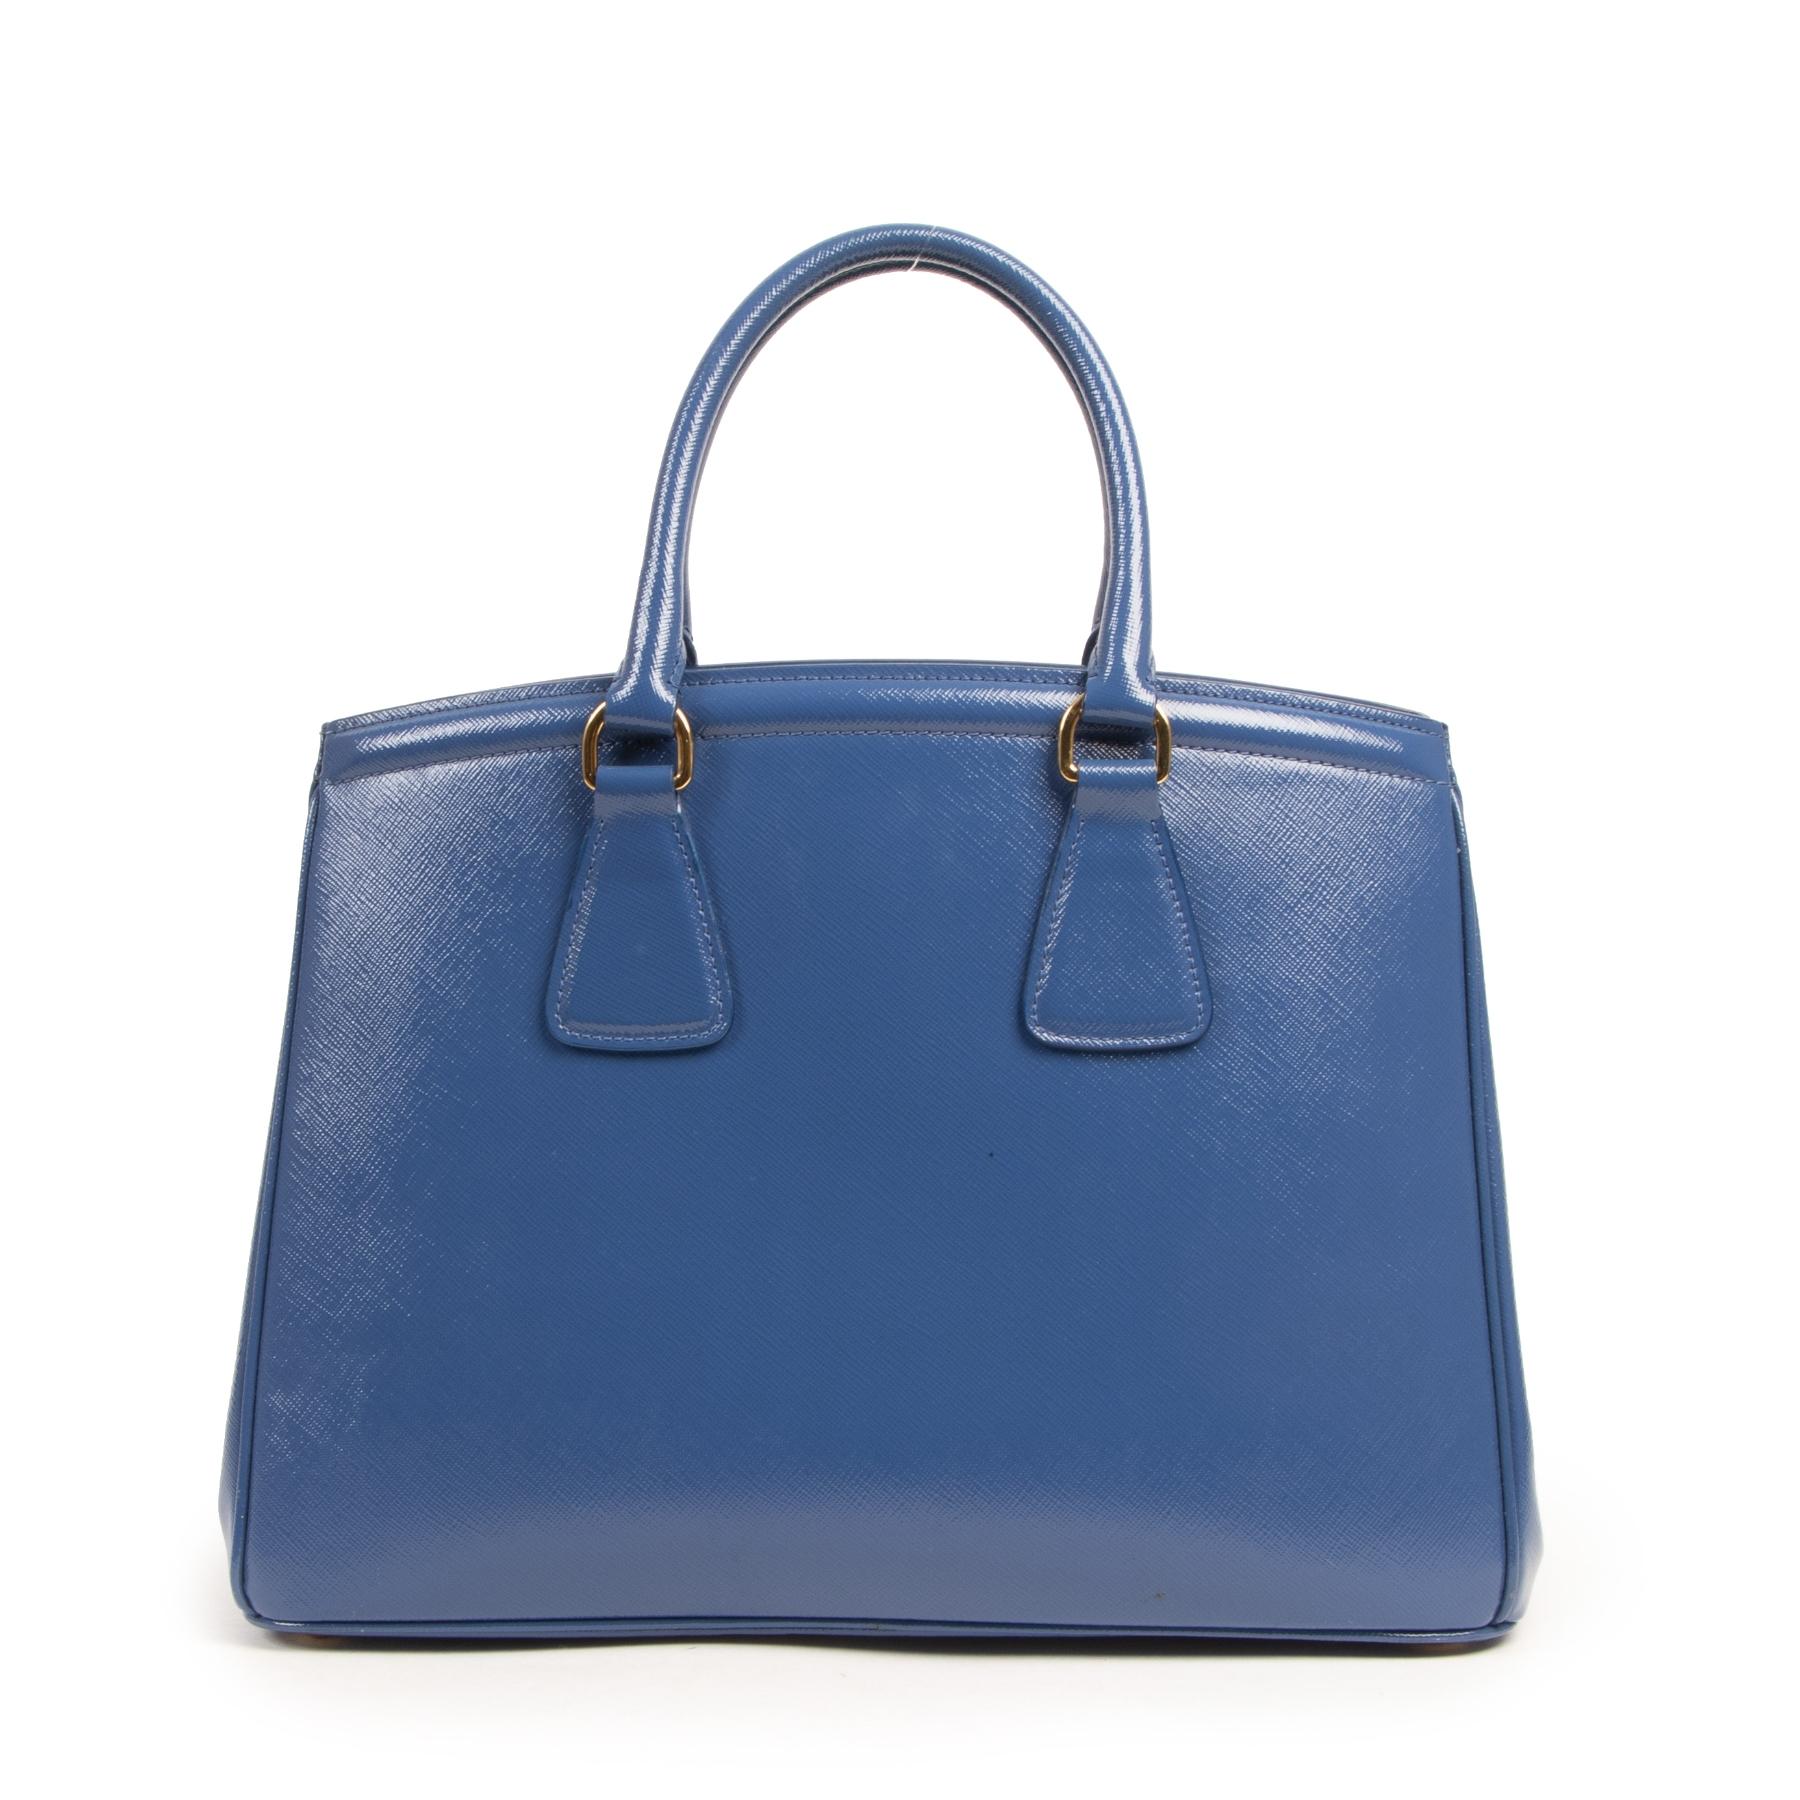 Authentieke Tweedehands Prada Saffiano Cobalt Blue Handle Bag juiste prijs veilig online shoppen luxe merken webshop